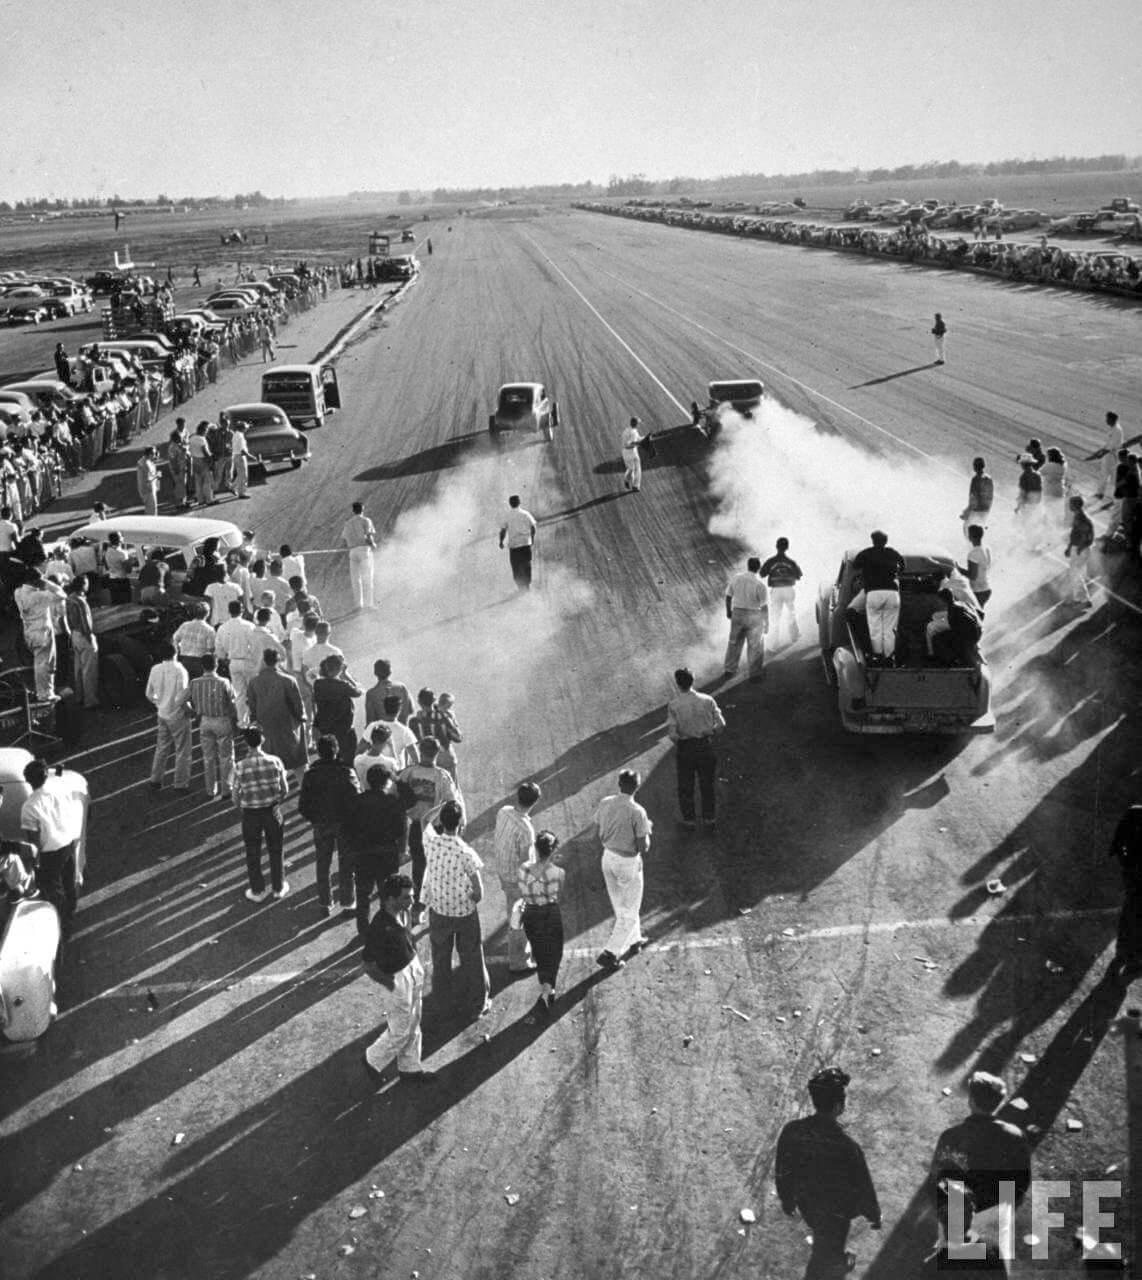 Kiihdytyskilpailu Santa Ana Drags radalla huhtikuussa 1957